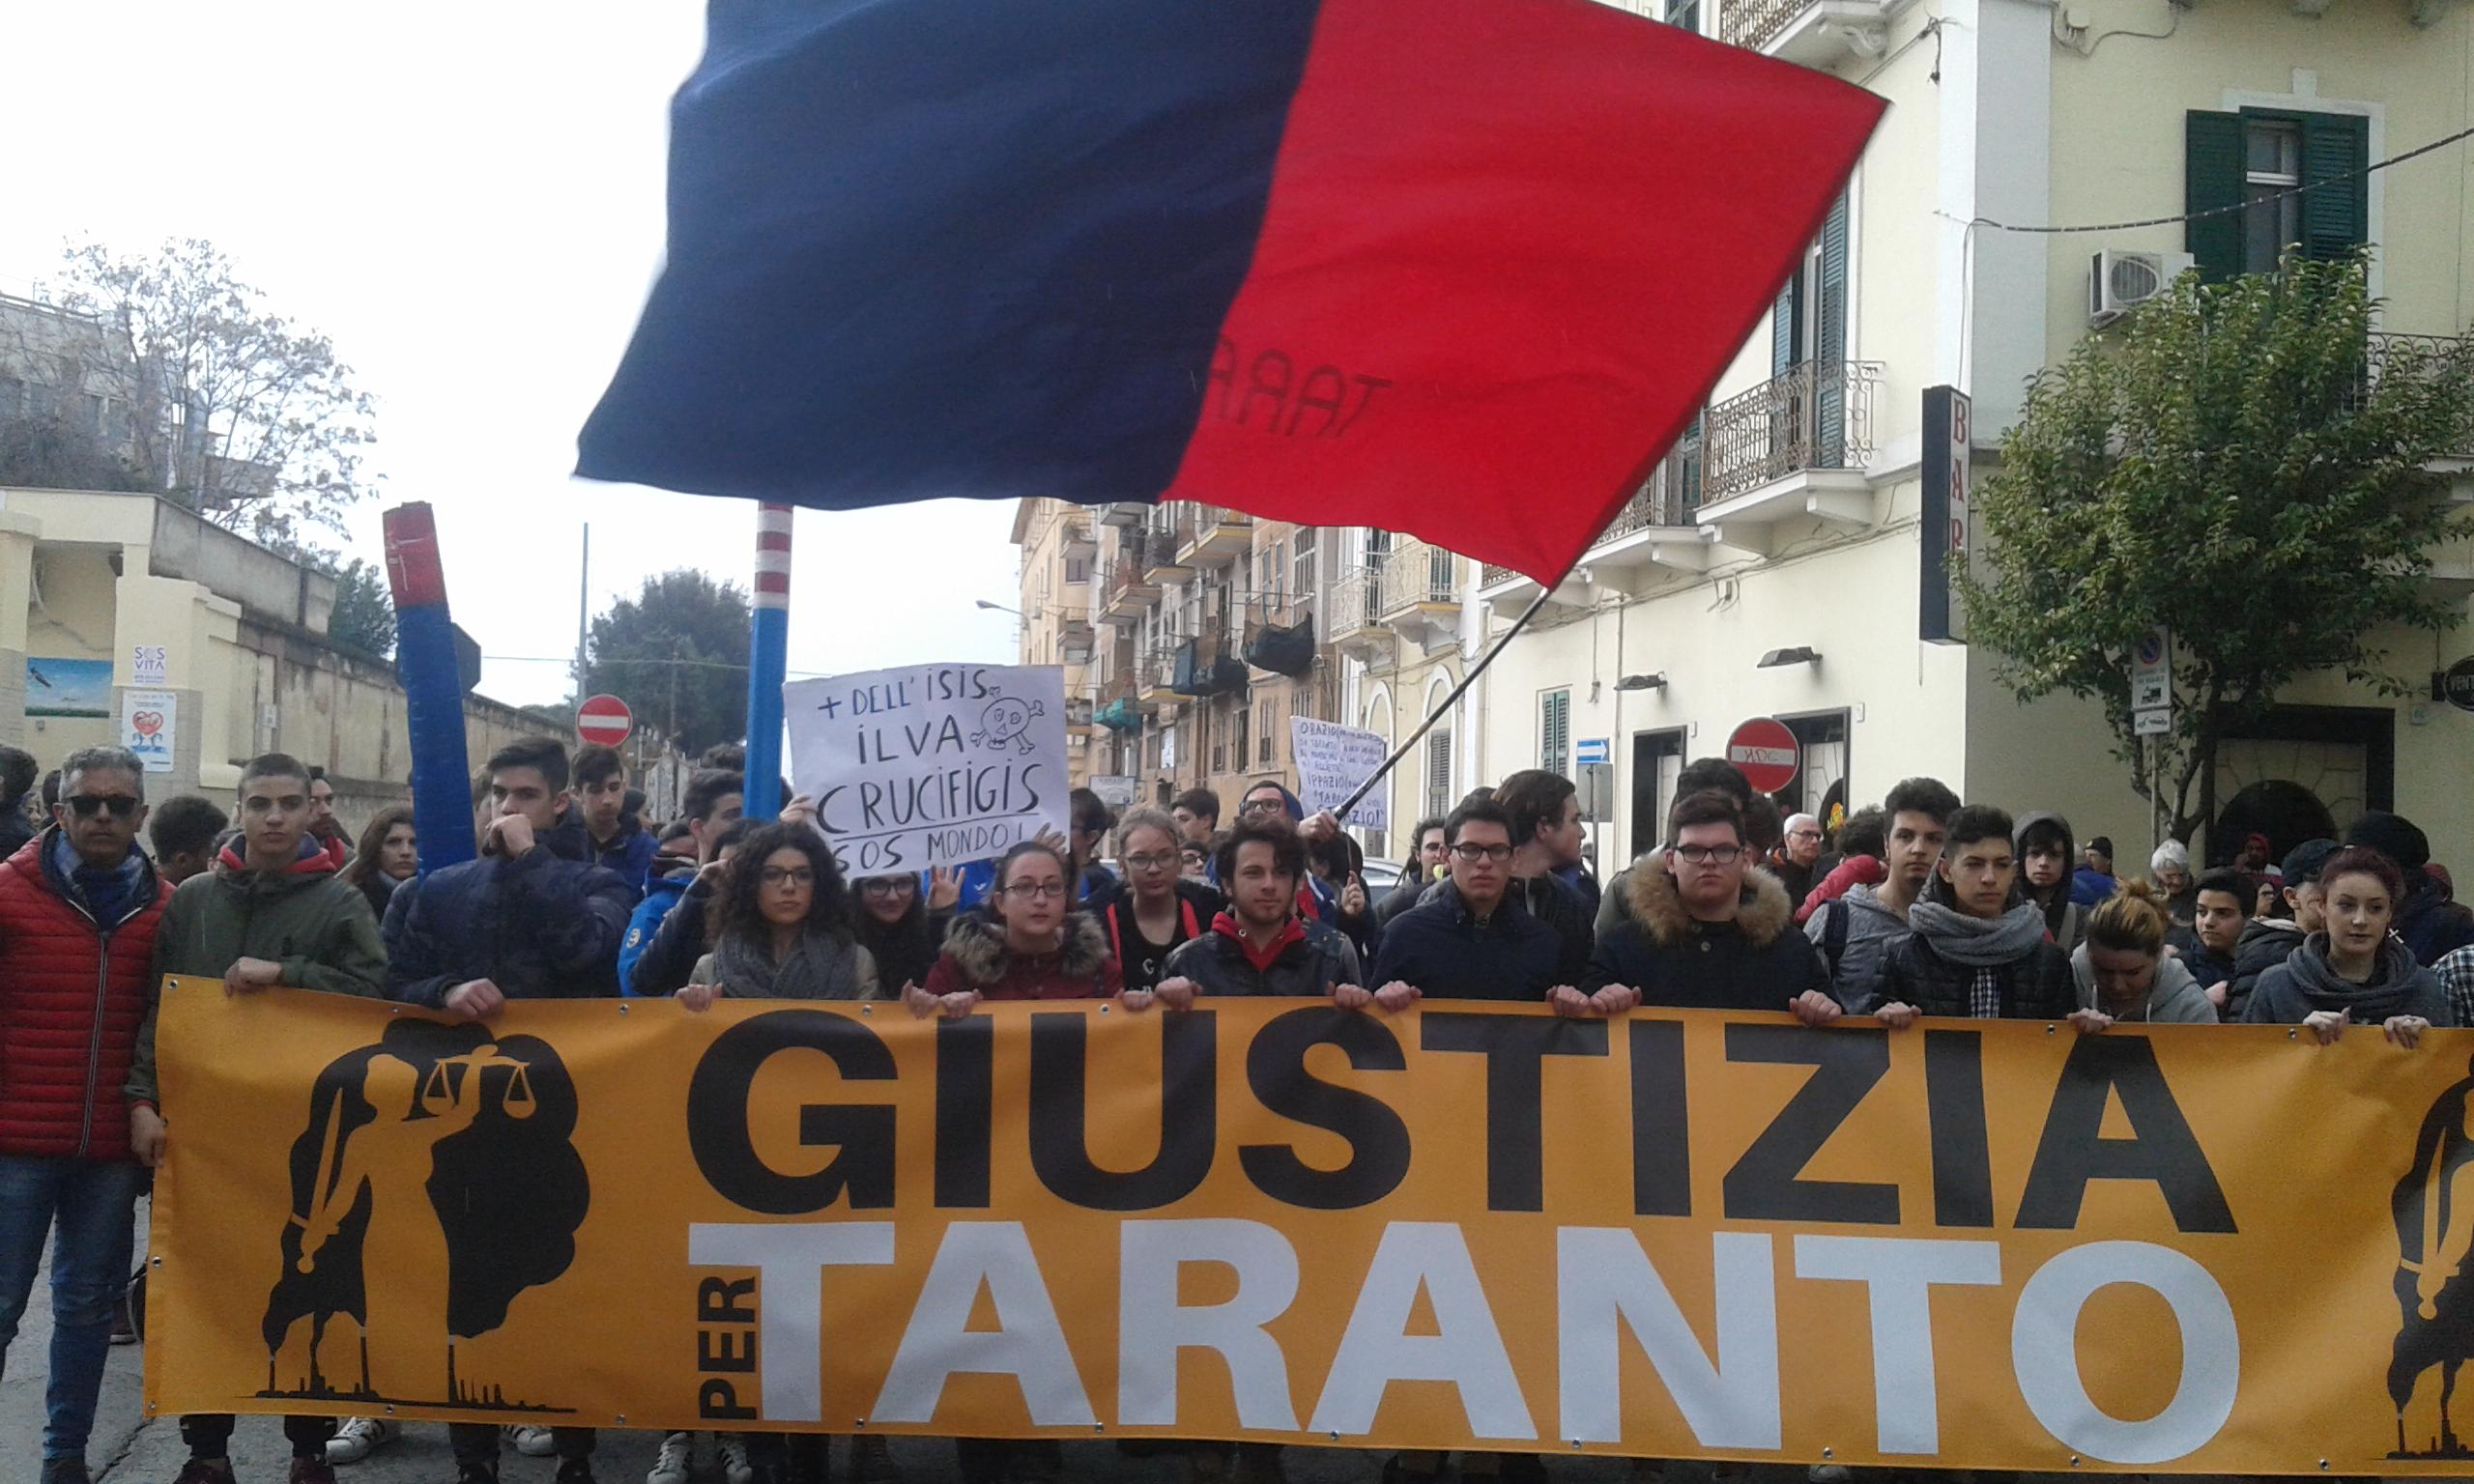 Giustizia per Taranto